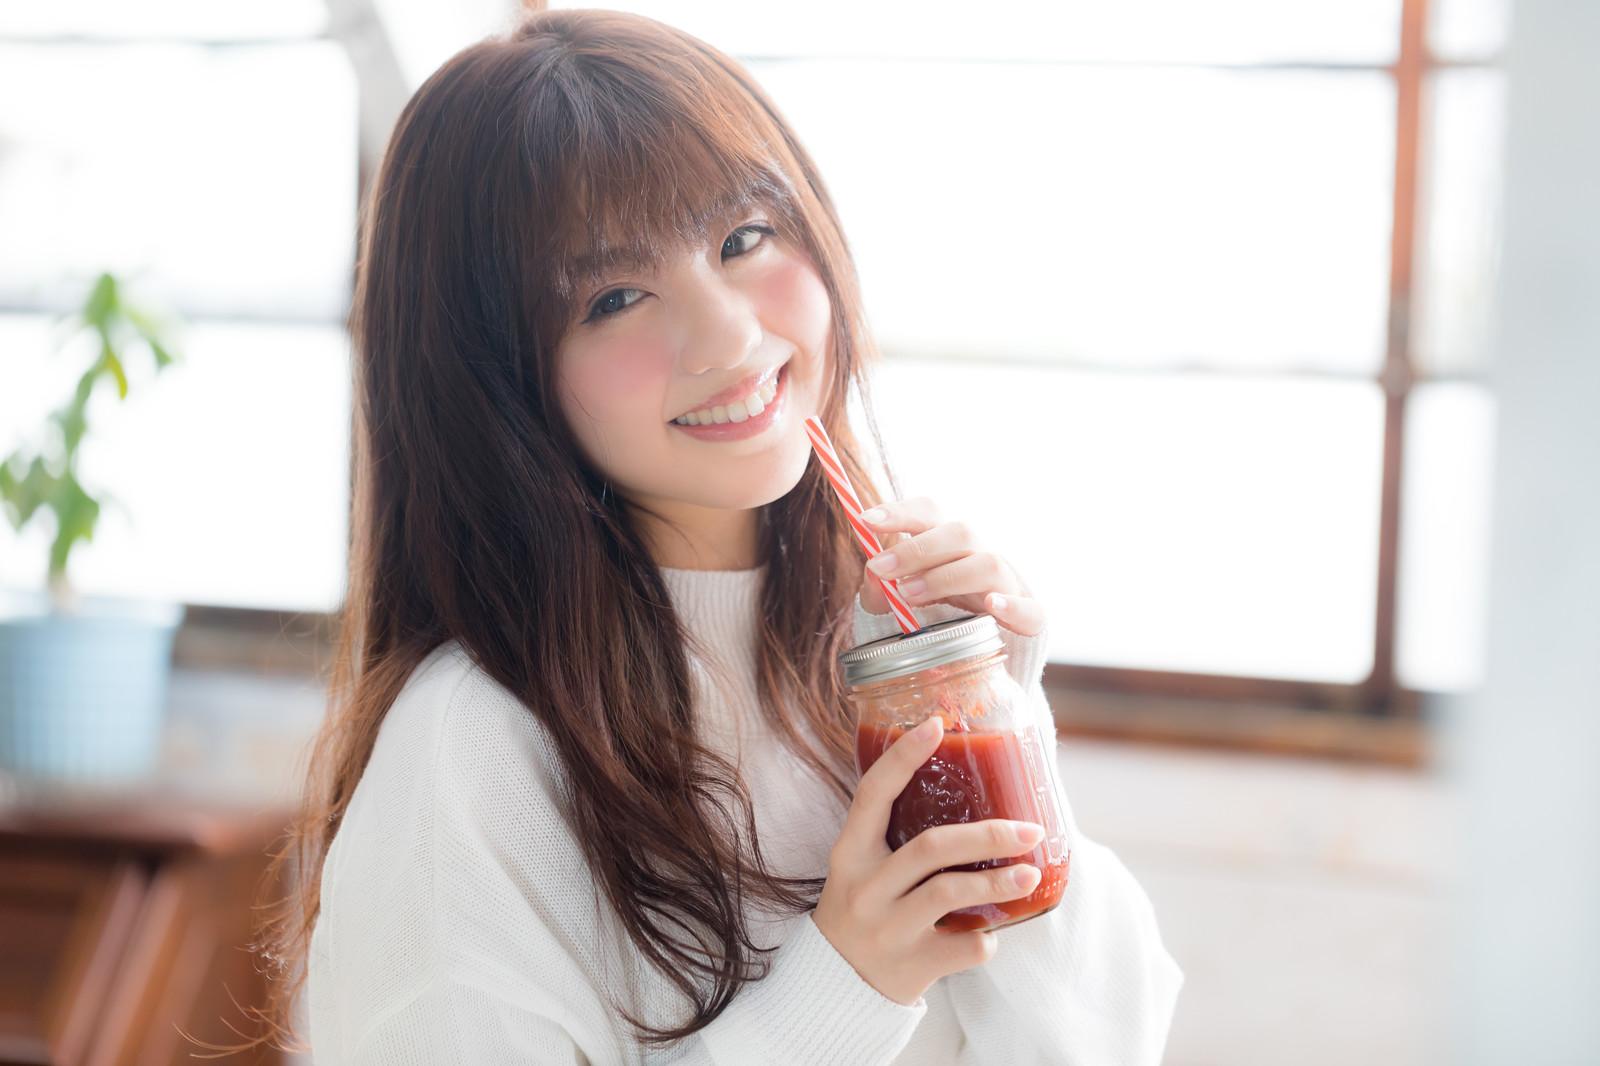 赤いスムージーを飲む女子